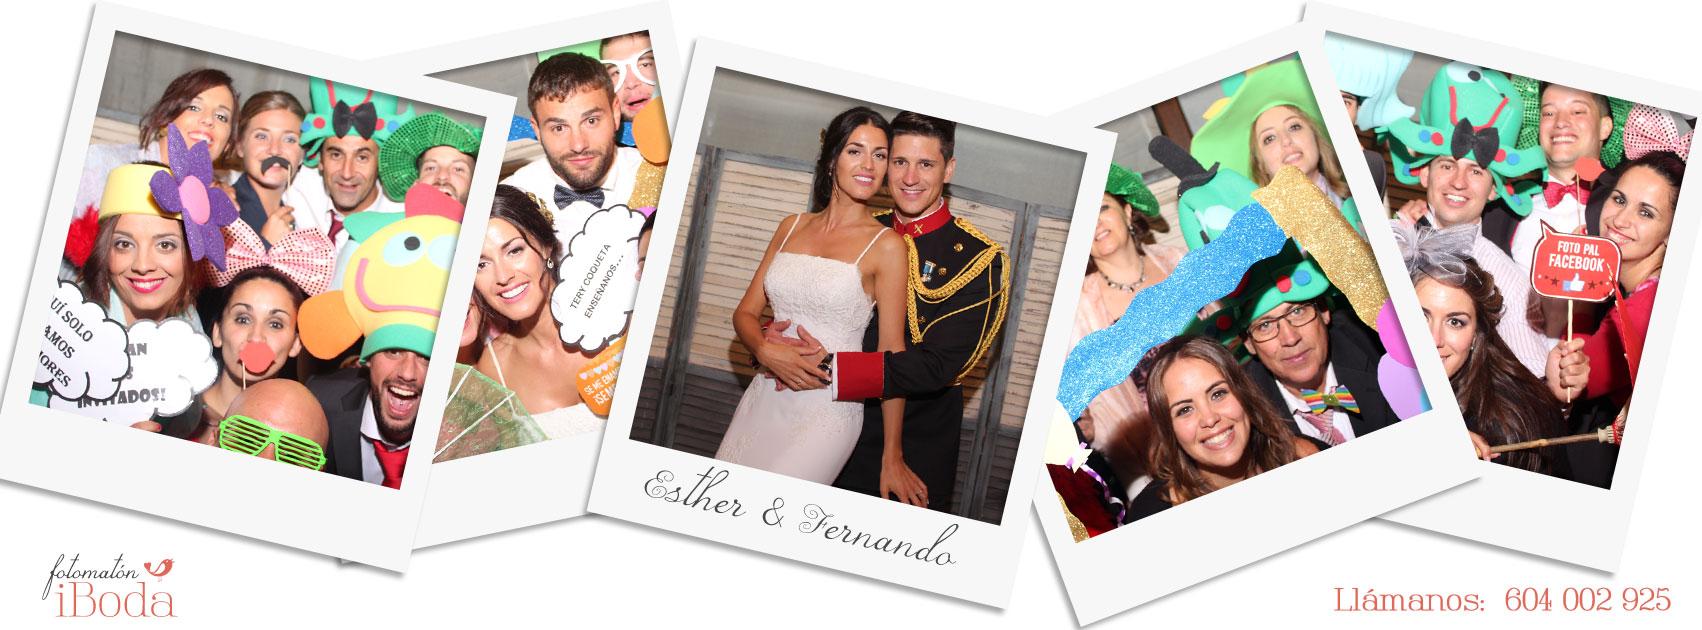 Esther & Fernando